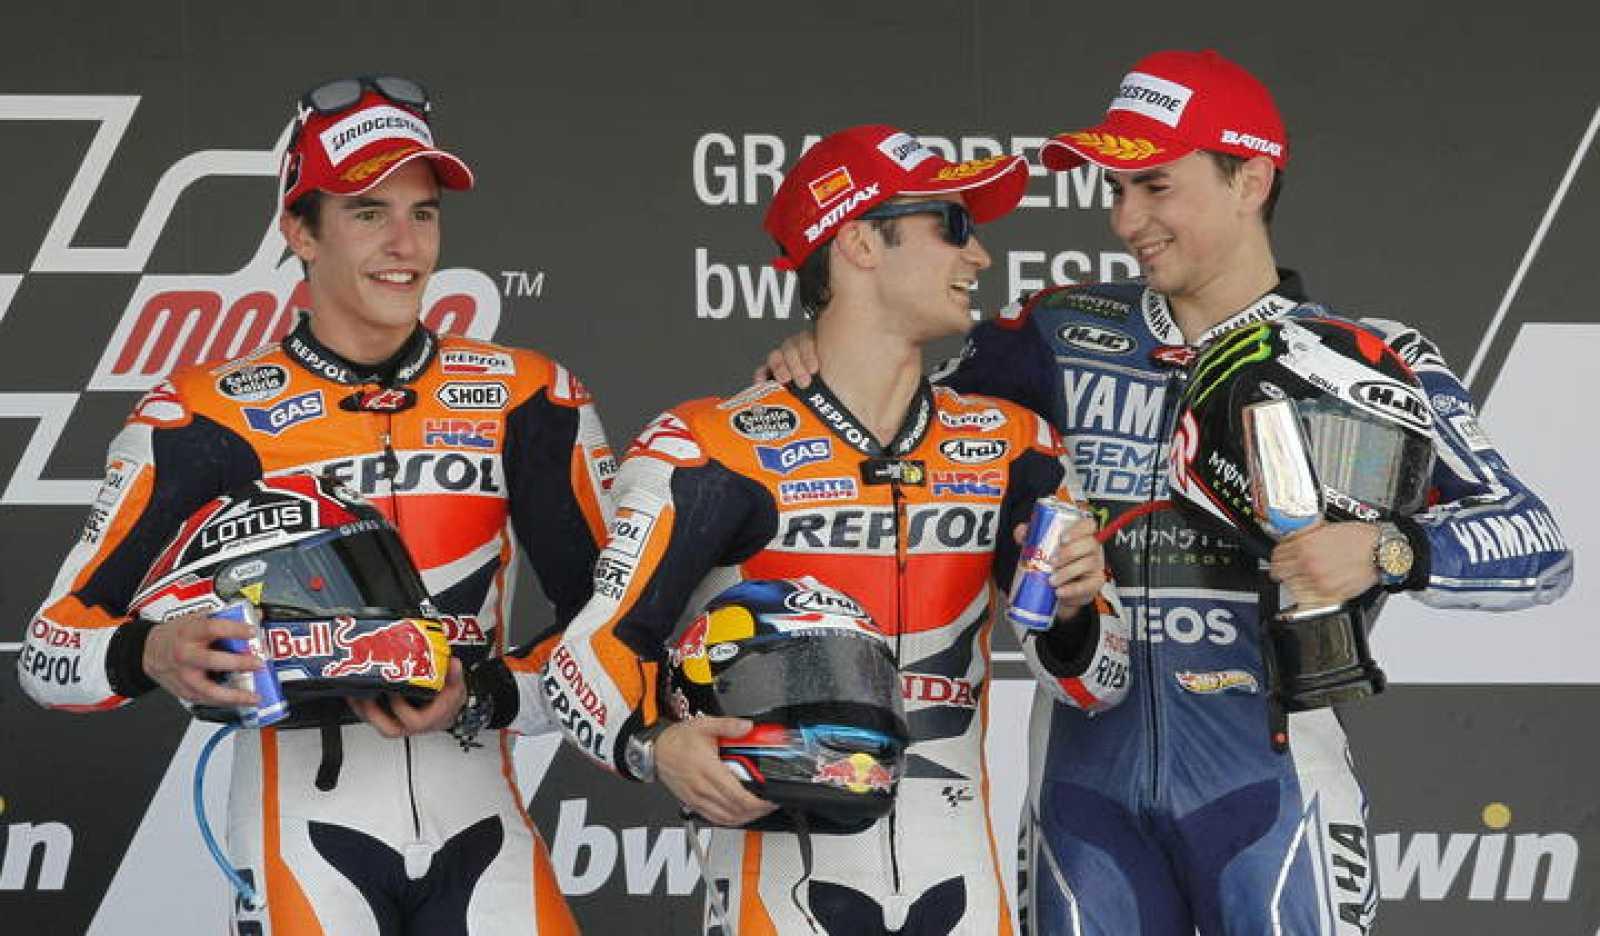 Dani Pedrosa (c) junto a Marc Márquez (i) y Jorge Lorenzo, pilotos de MotoGP, en el podio del circuito de Jerez